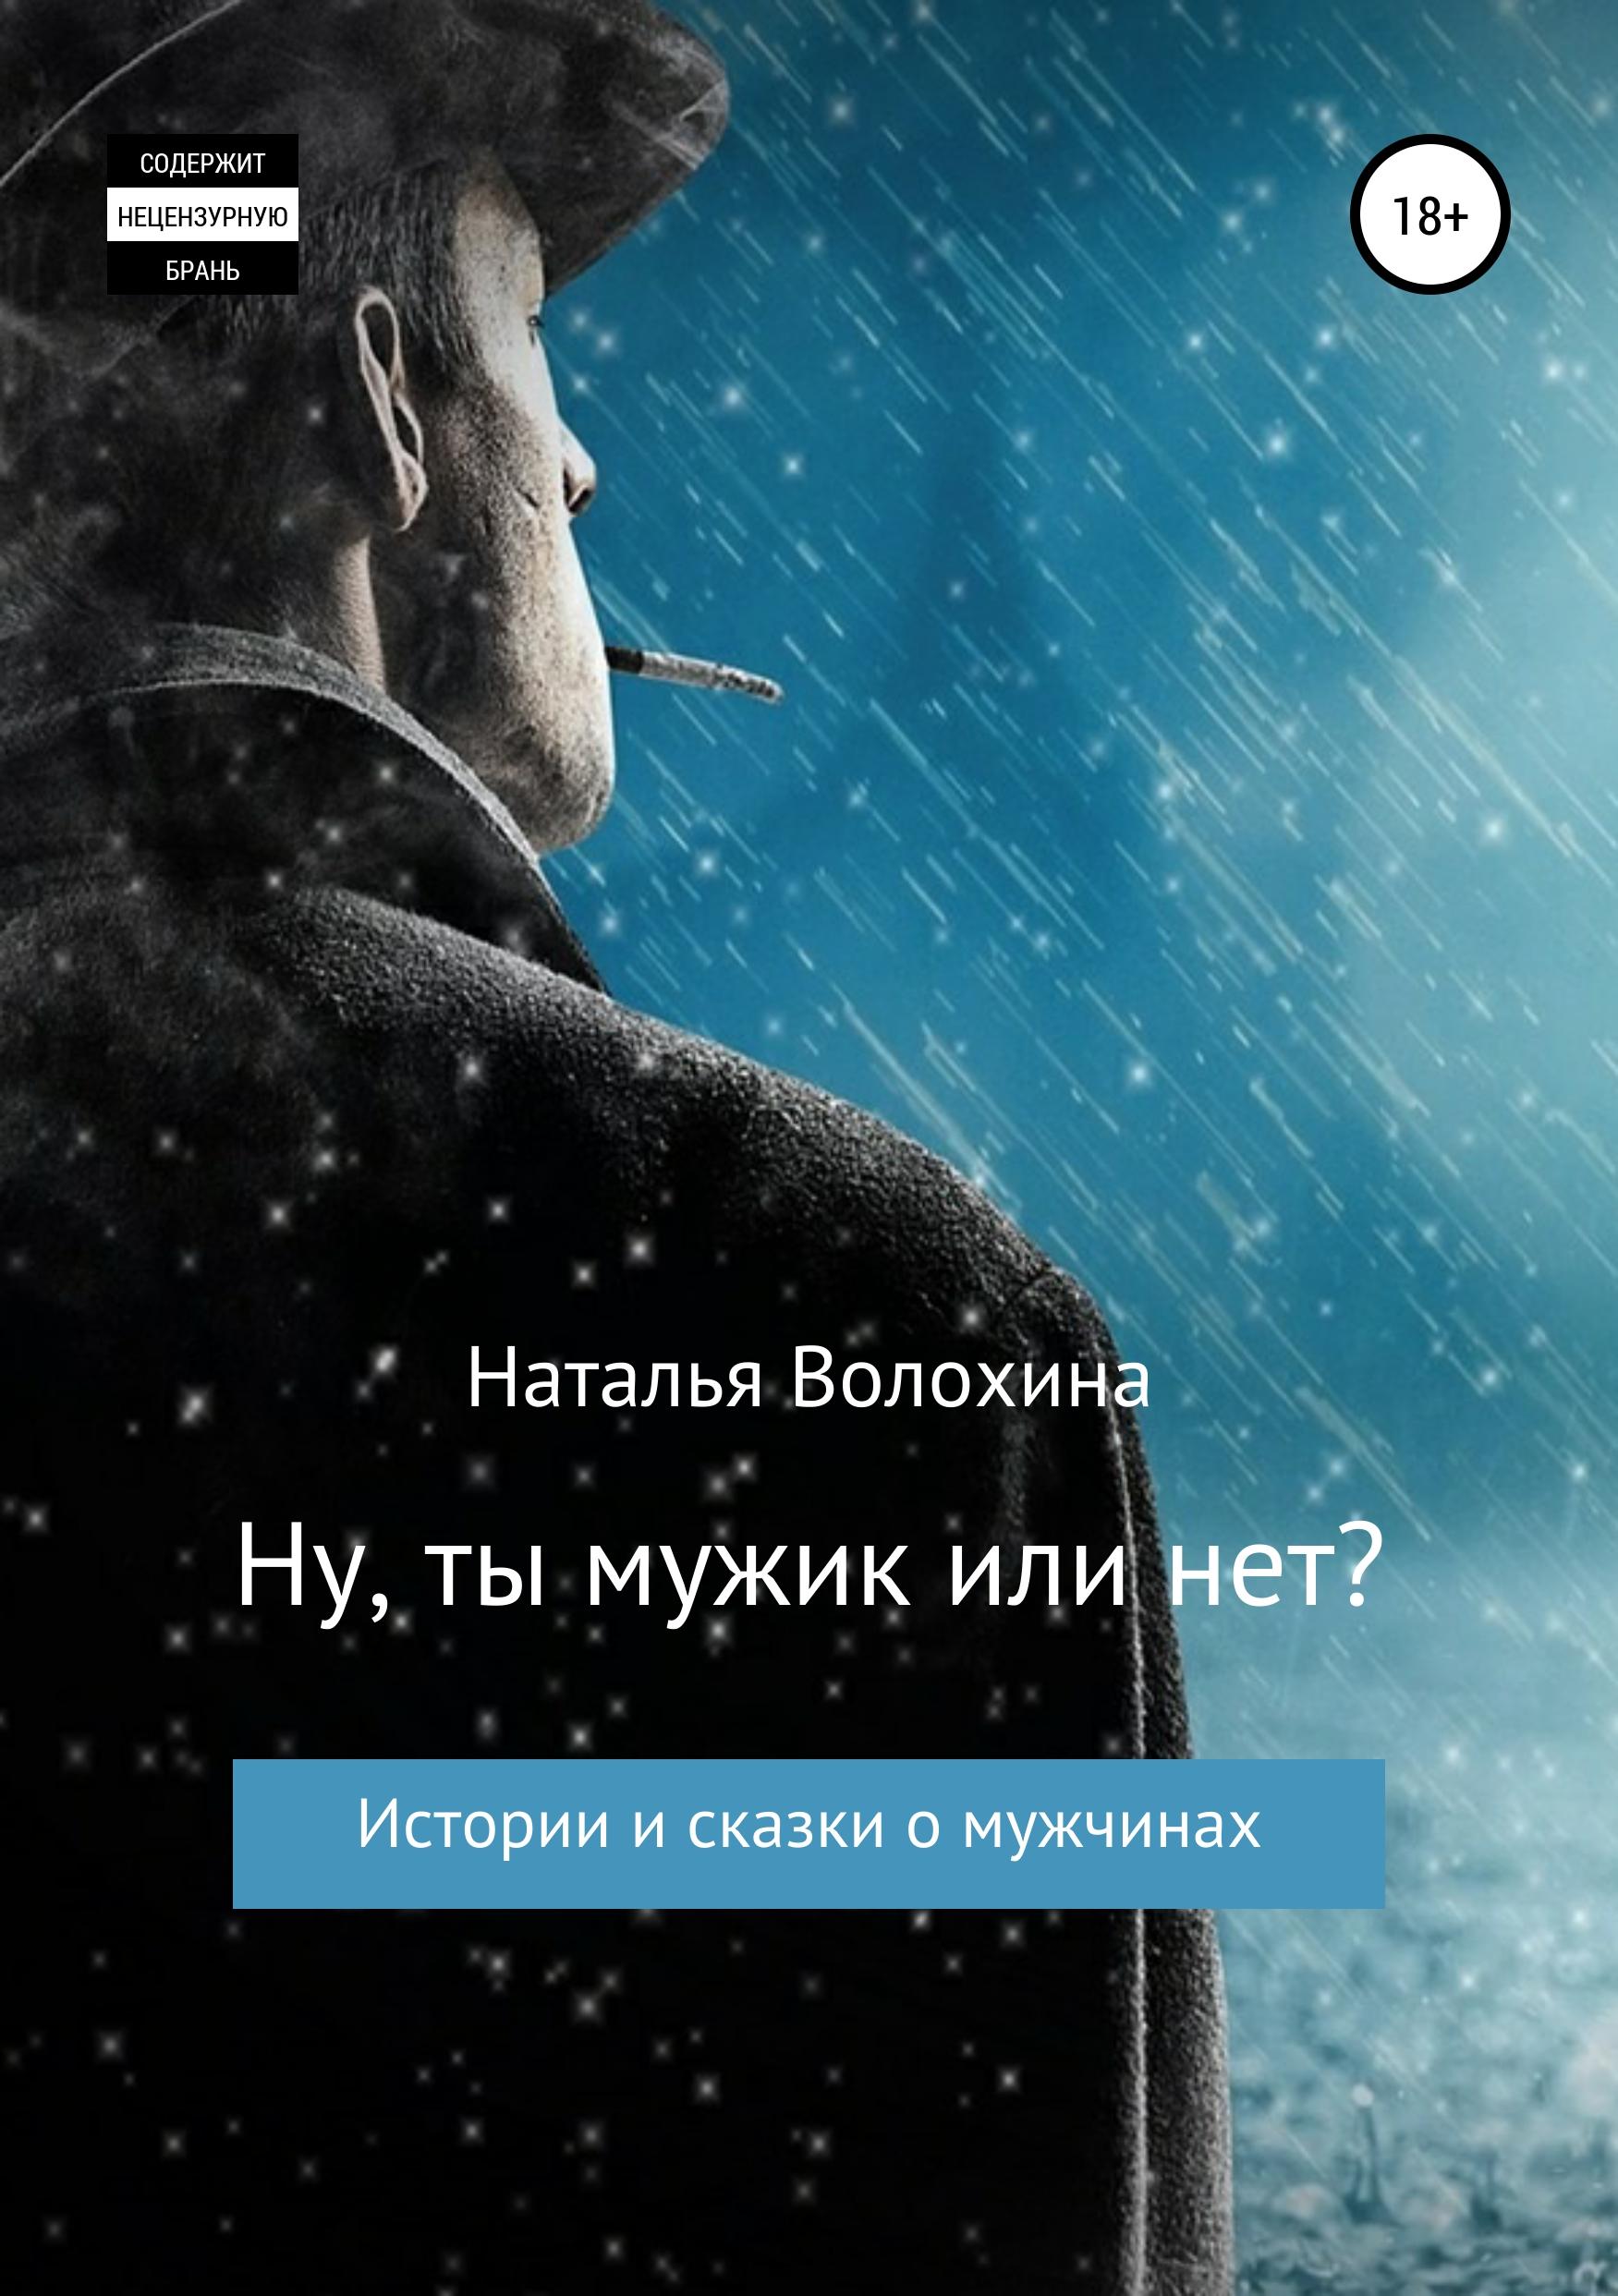 все цены на Наталья Волохина Ну ты мужик или нет? Сборник рассказов онлайн